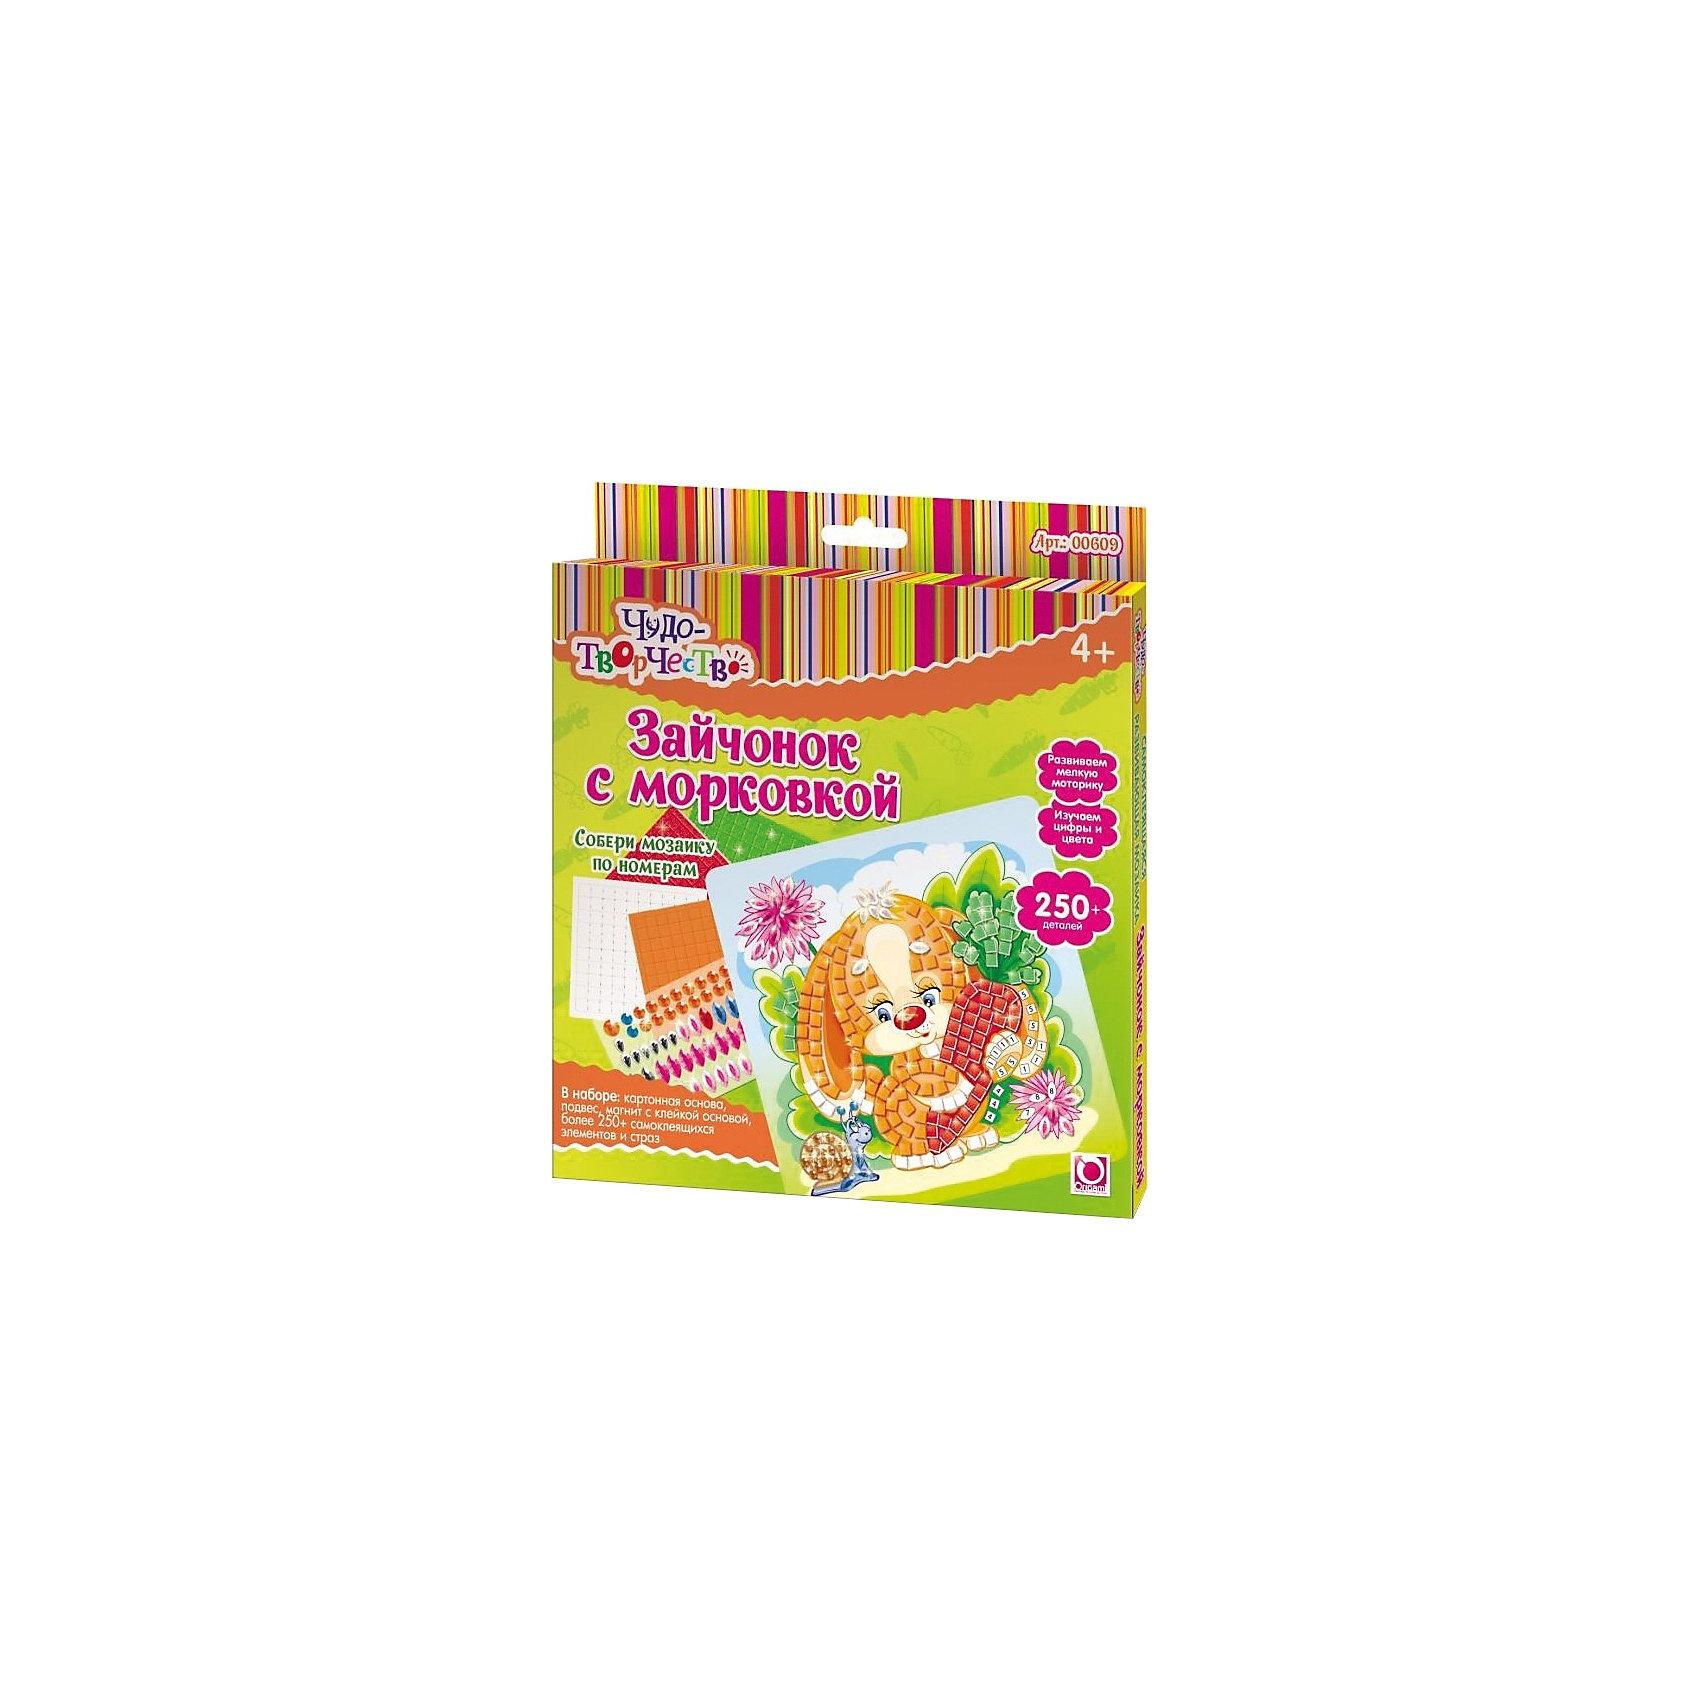 Самоклеющаяся мозаика Зайчонок с морковкой, ОригамиМозаика<br>Самоклеющаяся мозаика Зайчонок с морковкой, Оригами – это творческая игра, в результате которой у детей получается замечательный «шедевр».<br>Самоклеющаяся мозаика Зайчонок с морковкой - увлекательная игрушка для детей, которая поможет изучить цвета и цифры. Отличие этой мозаики от обычной в том, что все ее детали имеют клейкую основу, их только нужно правильно разместить. Отклеивая и приклеивая элементы самоклеющейся мозаики, дети совершают тонкие манипуляции, тренируя тем самым мелкую моторику и усидчивость. Проявив внимательность и аккуратность, получится яркая и веселая картинка, которую можно повесить на стену или прикрепить с помощью магнита на холодильник.<br><br>Дополнительная информация:<br><br>- В наборе: картонная основа с картинкой (20x20см), более 250 самоклеющихся элементов и страз, подвес, магнит с клейкой основой<br>- Размер упаковки: 20,5 х 1,5 х 23 см.<br><br>Самоклеющуюся мозаику Зайчонок с морковкой, Оригами можно купить в нашем интернет-магазине.<br><br>Ширина мм: 205<br>Глубина мм: 230<br>Высота мм: 15<br>Вес г: 108<br>Возраст от месяцев: 48<br>Возраст до месяцев: 108<br>Пол: Унисекс<br>Возраст: Детский<br>SKU: 3911426